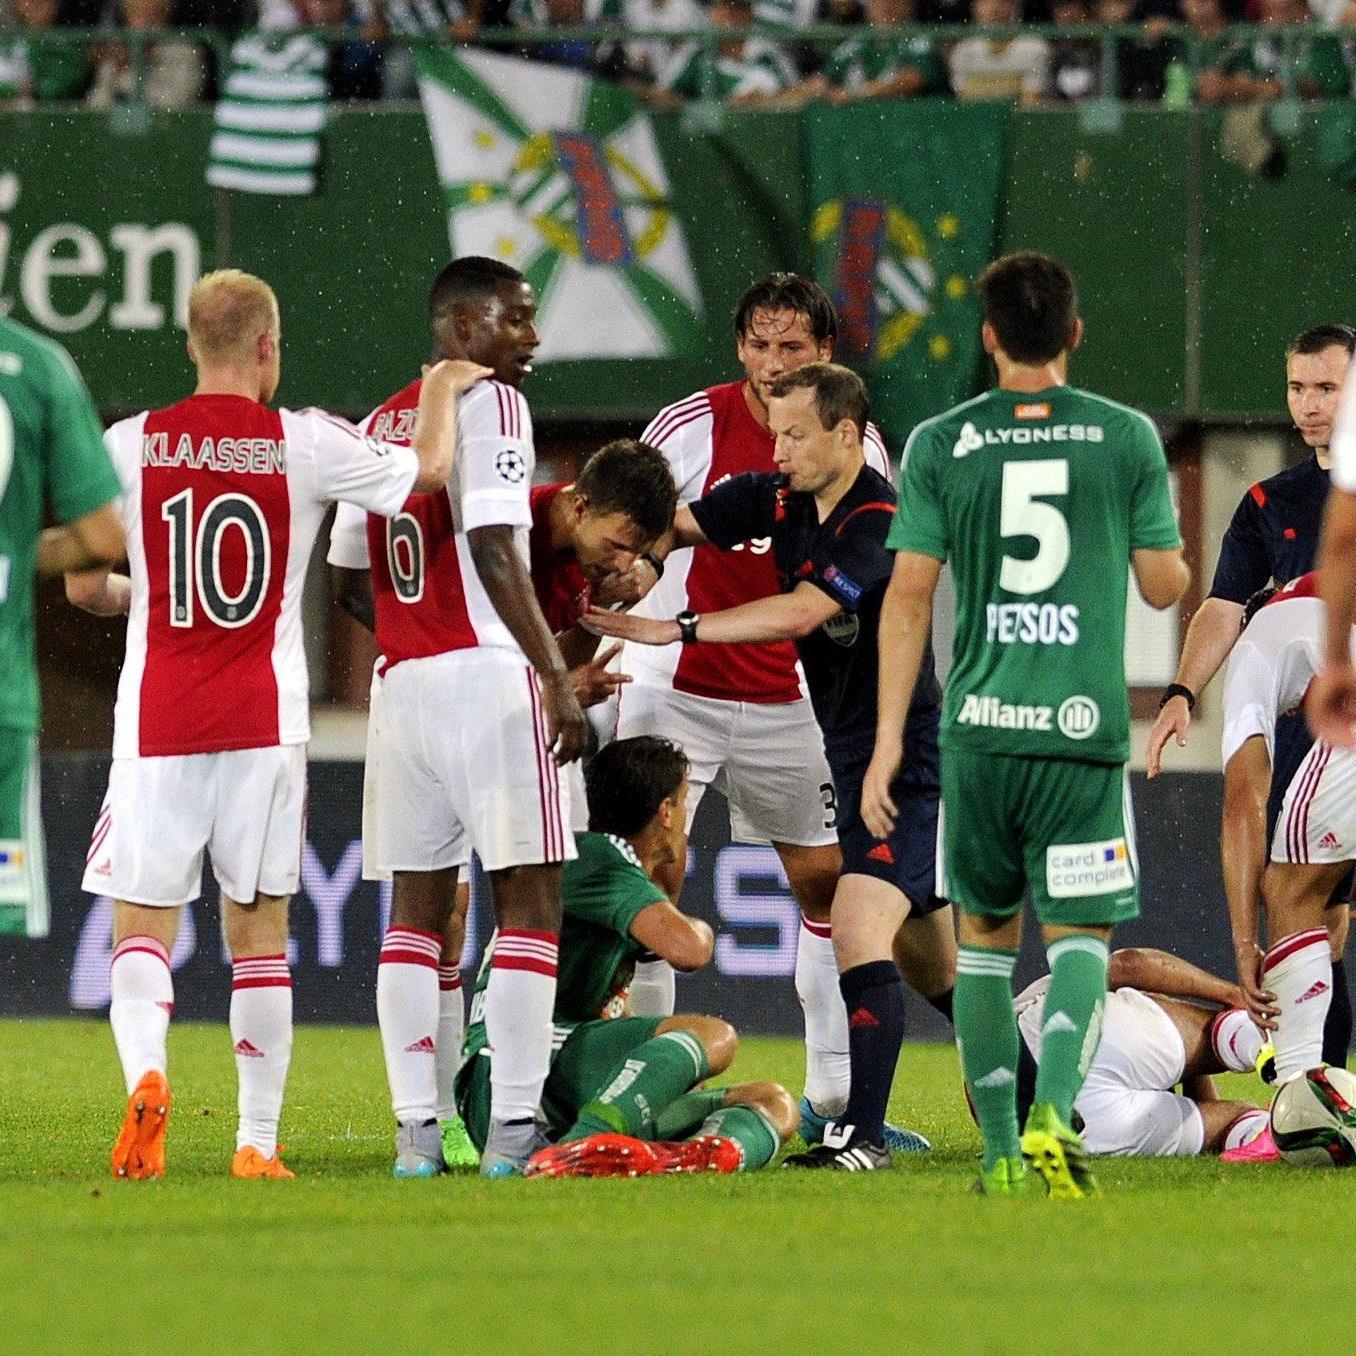 Rapid gegen Ajax: Stefan Schwab sah nach dem brutalen Foul die Rote Karte.